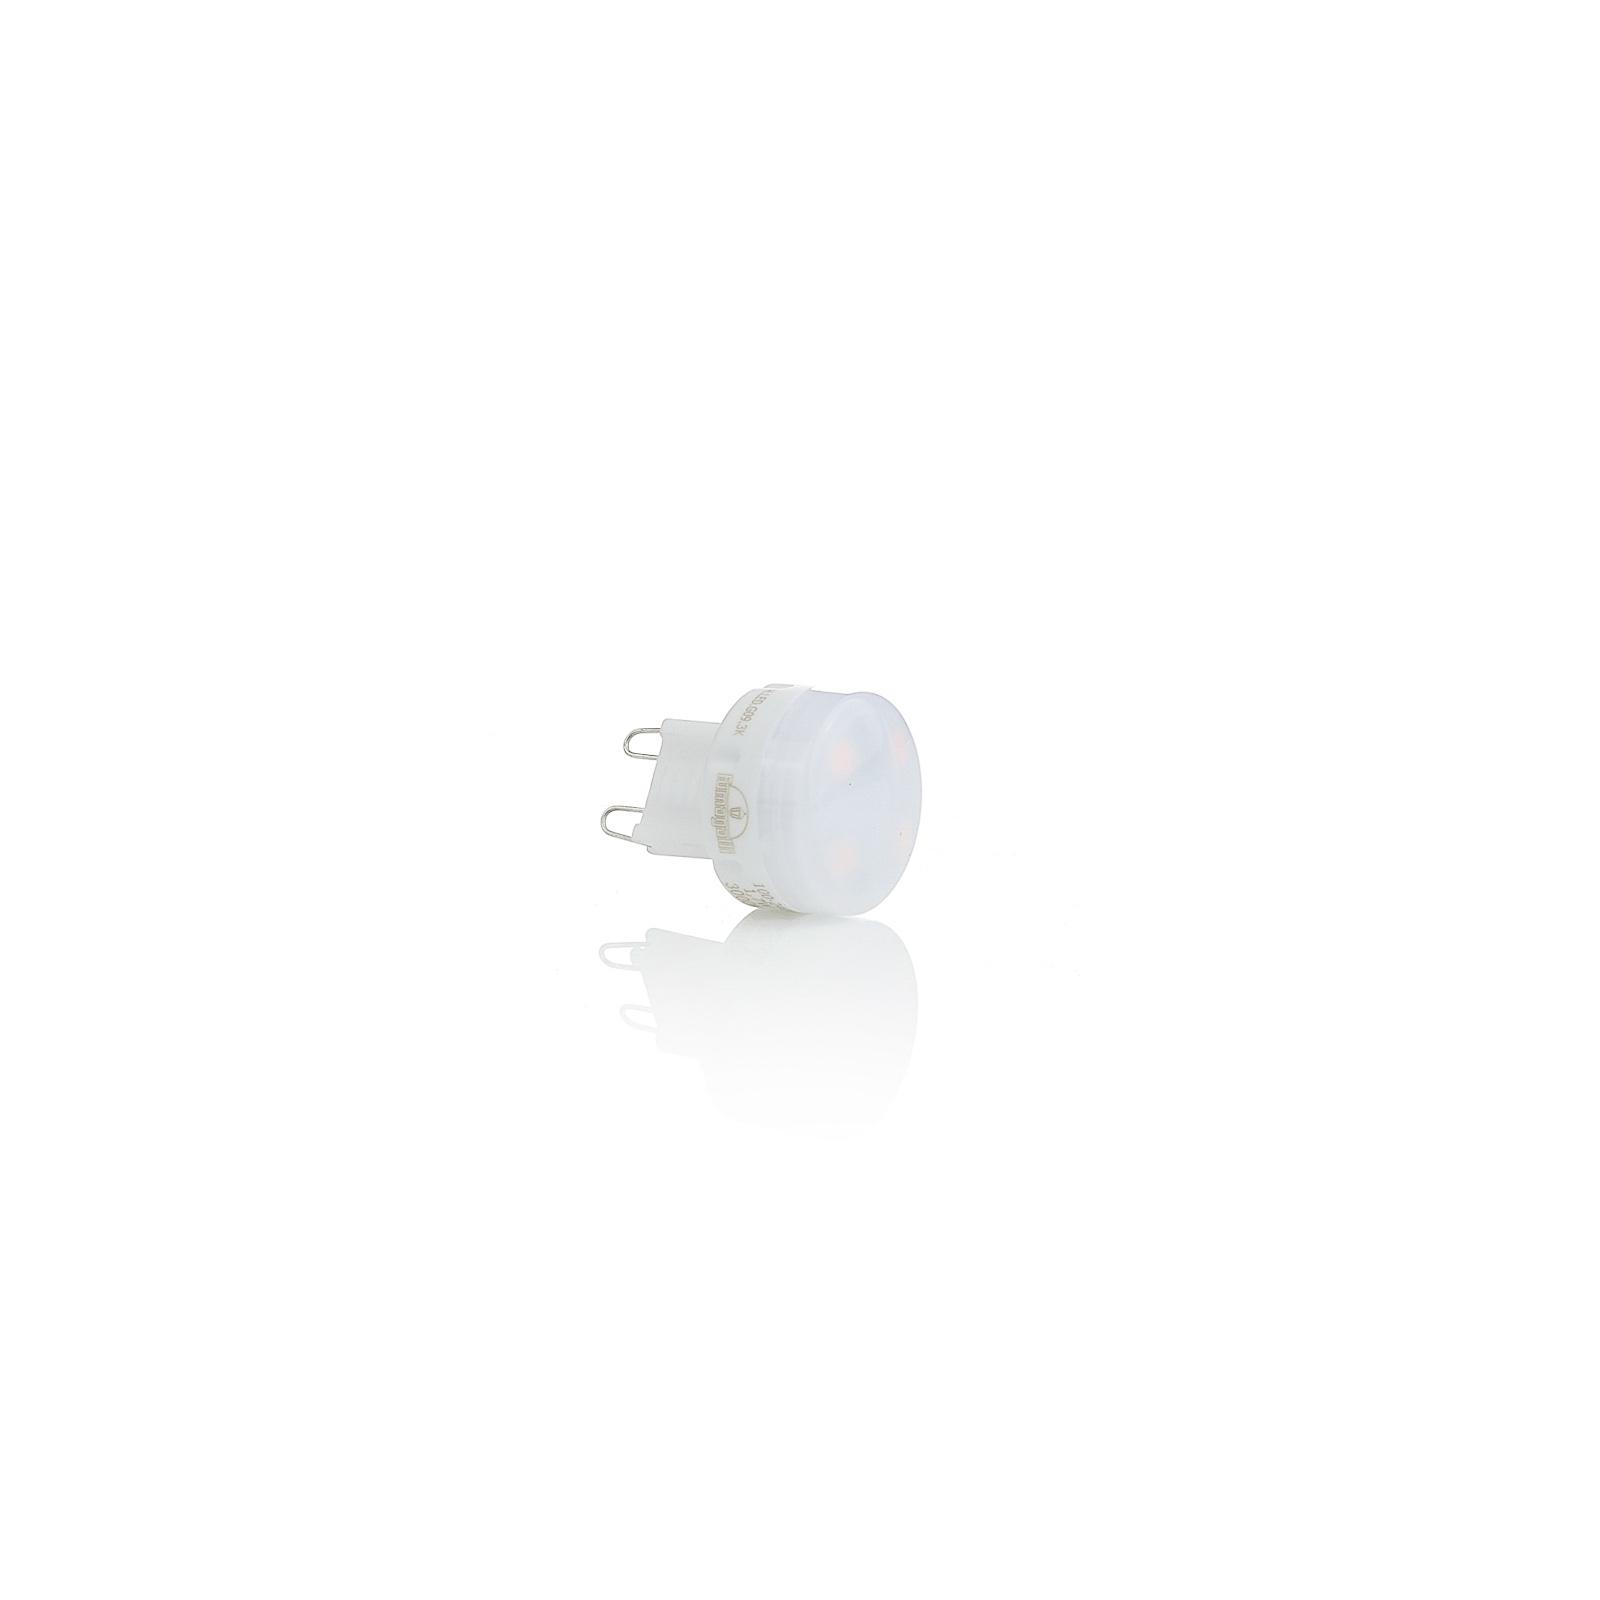 G9 LED-pære, 1,7 W, 170 lm, 3.000 K